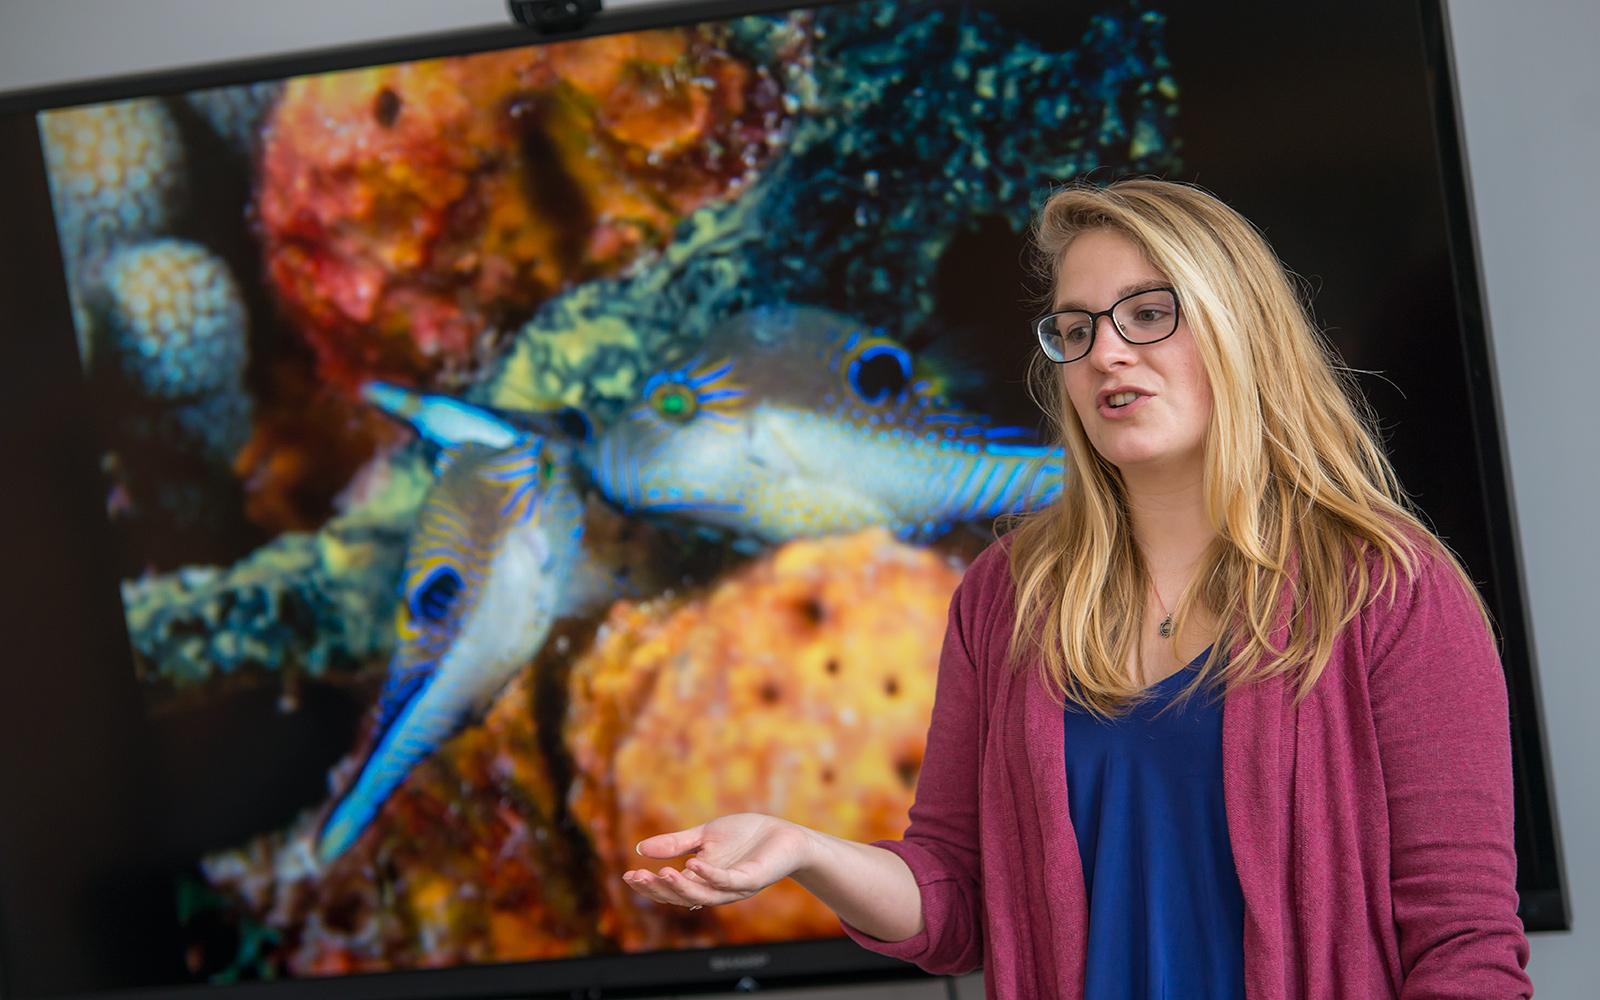 Student Marissa Neitzke